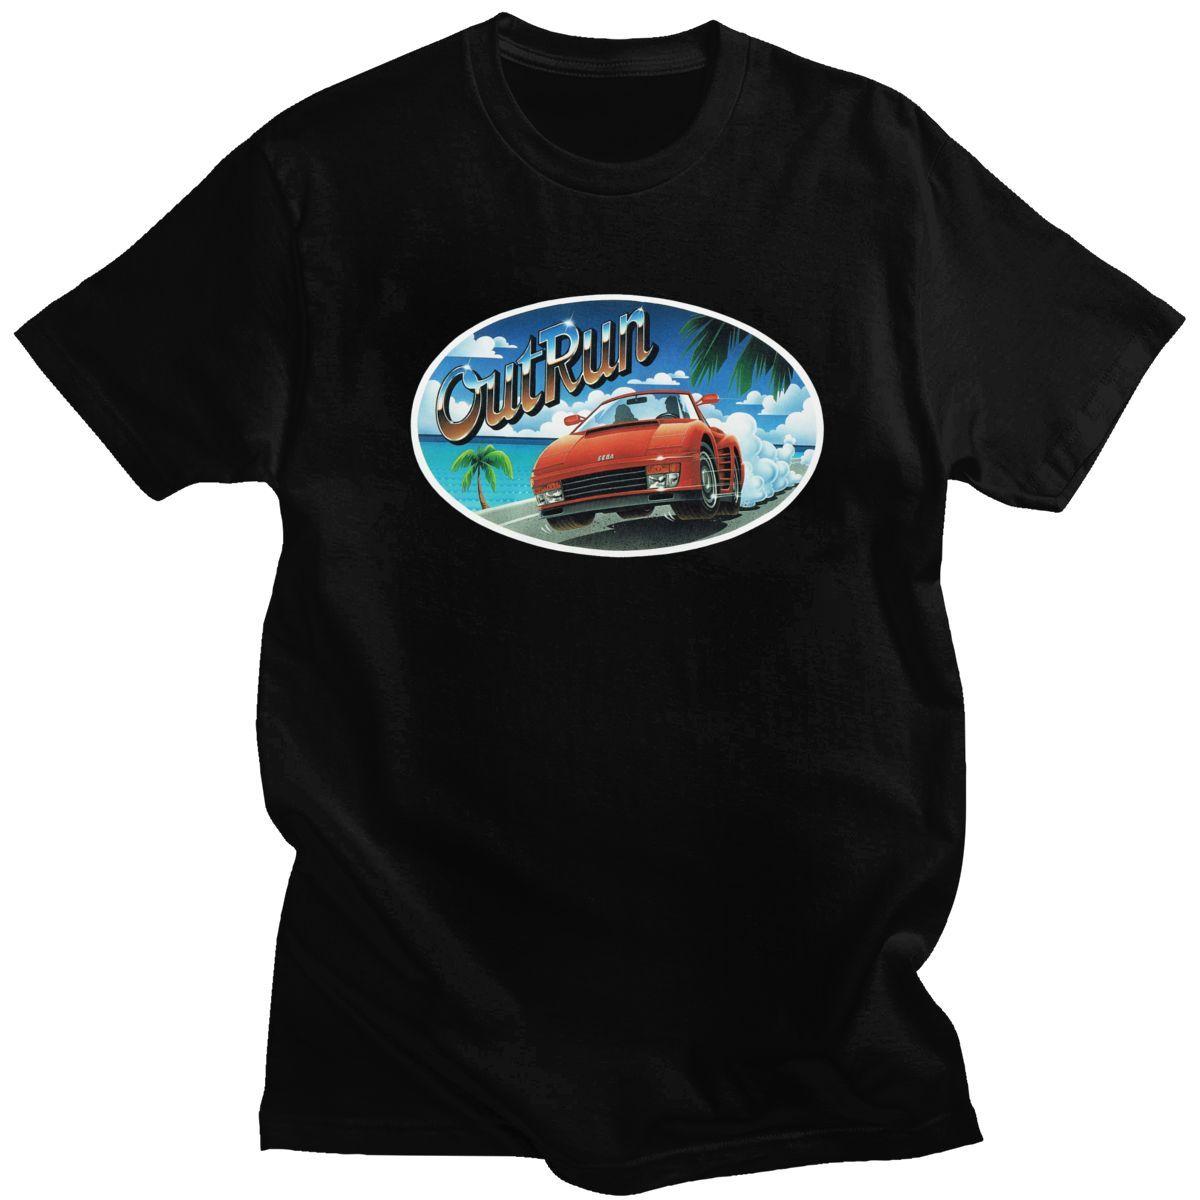 80s unici Out Run T shirt da uomo breve estate manica Retro Gaming Arcade Outrun maglietta puro cotone Tee Merchandise